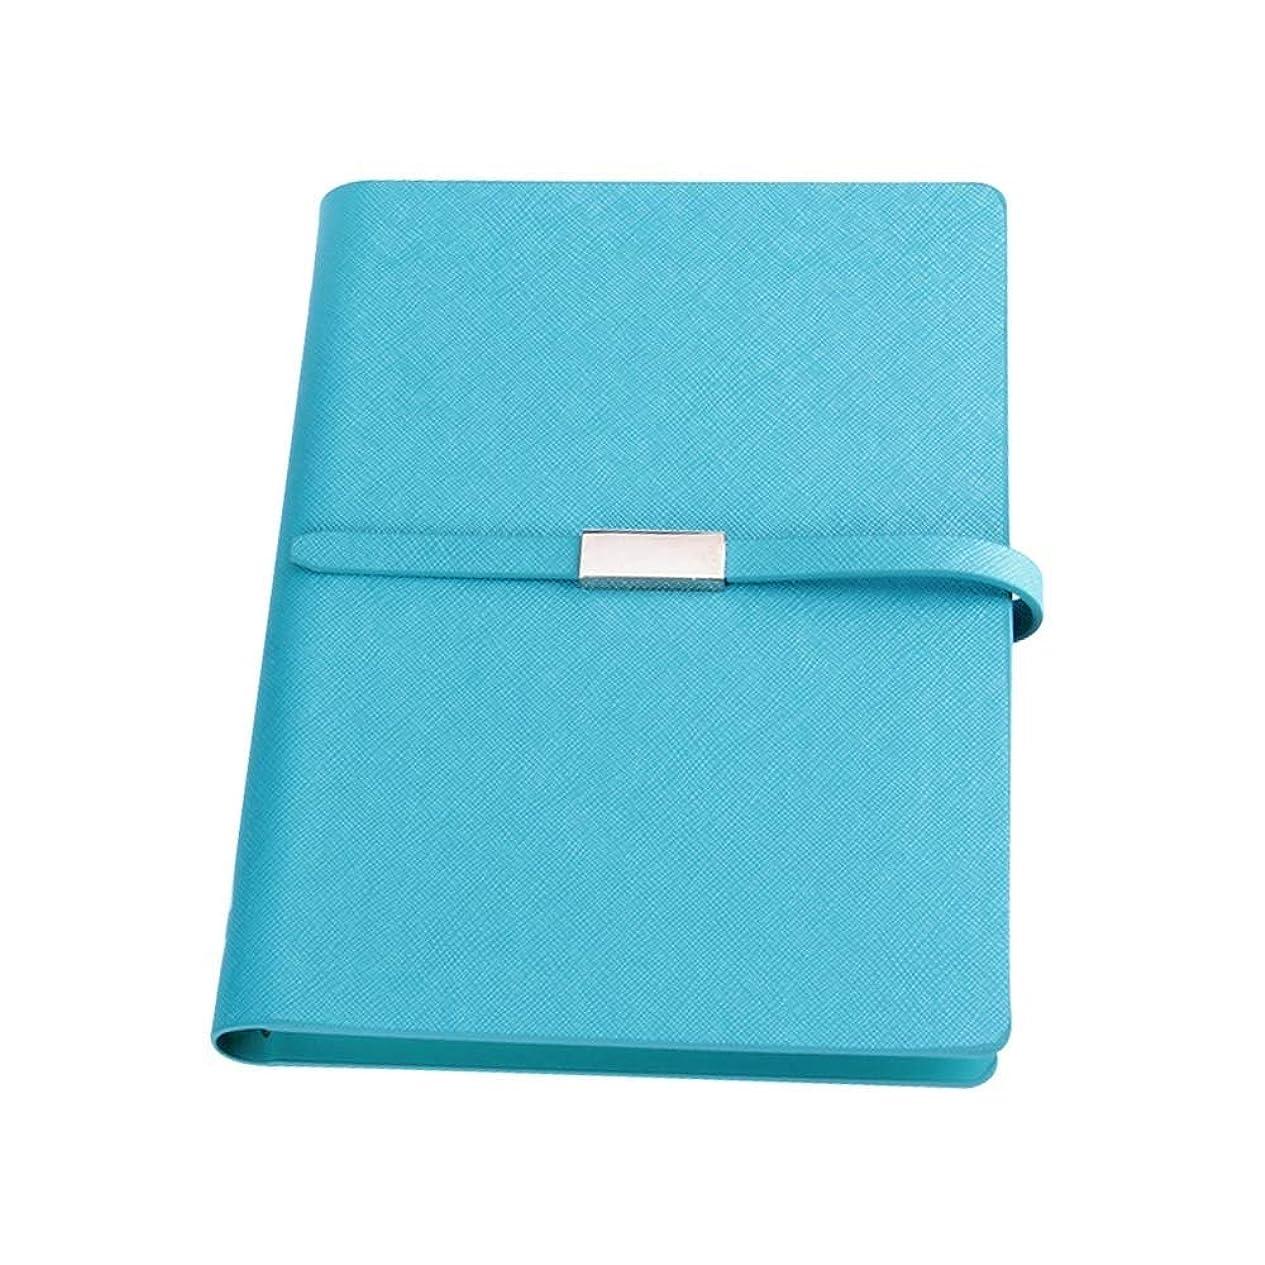 書き込み ノートA5手のアカウント、旅行アカウント日記オーガナイザー、ジャーナルレザーに書くための本 学生の (Color : Blue Notebook)